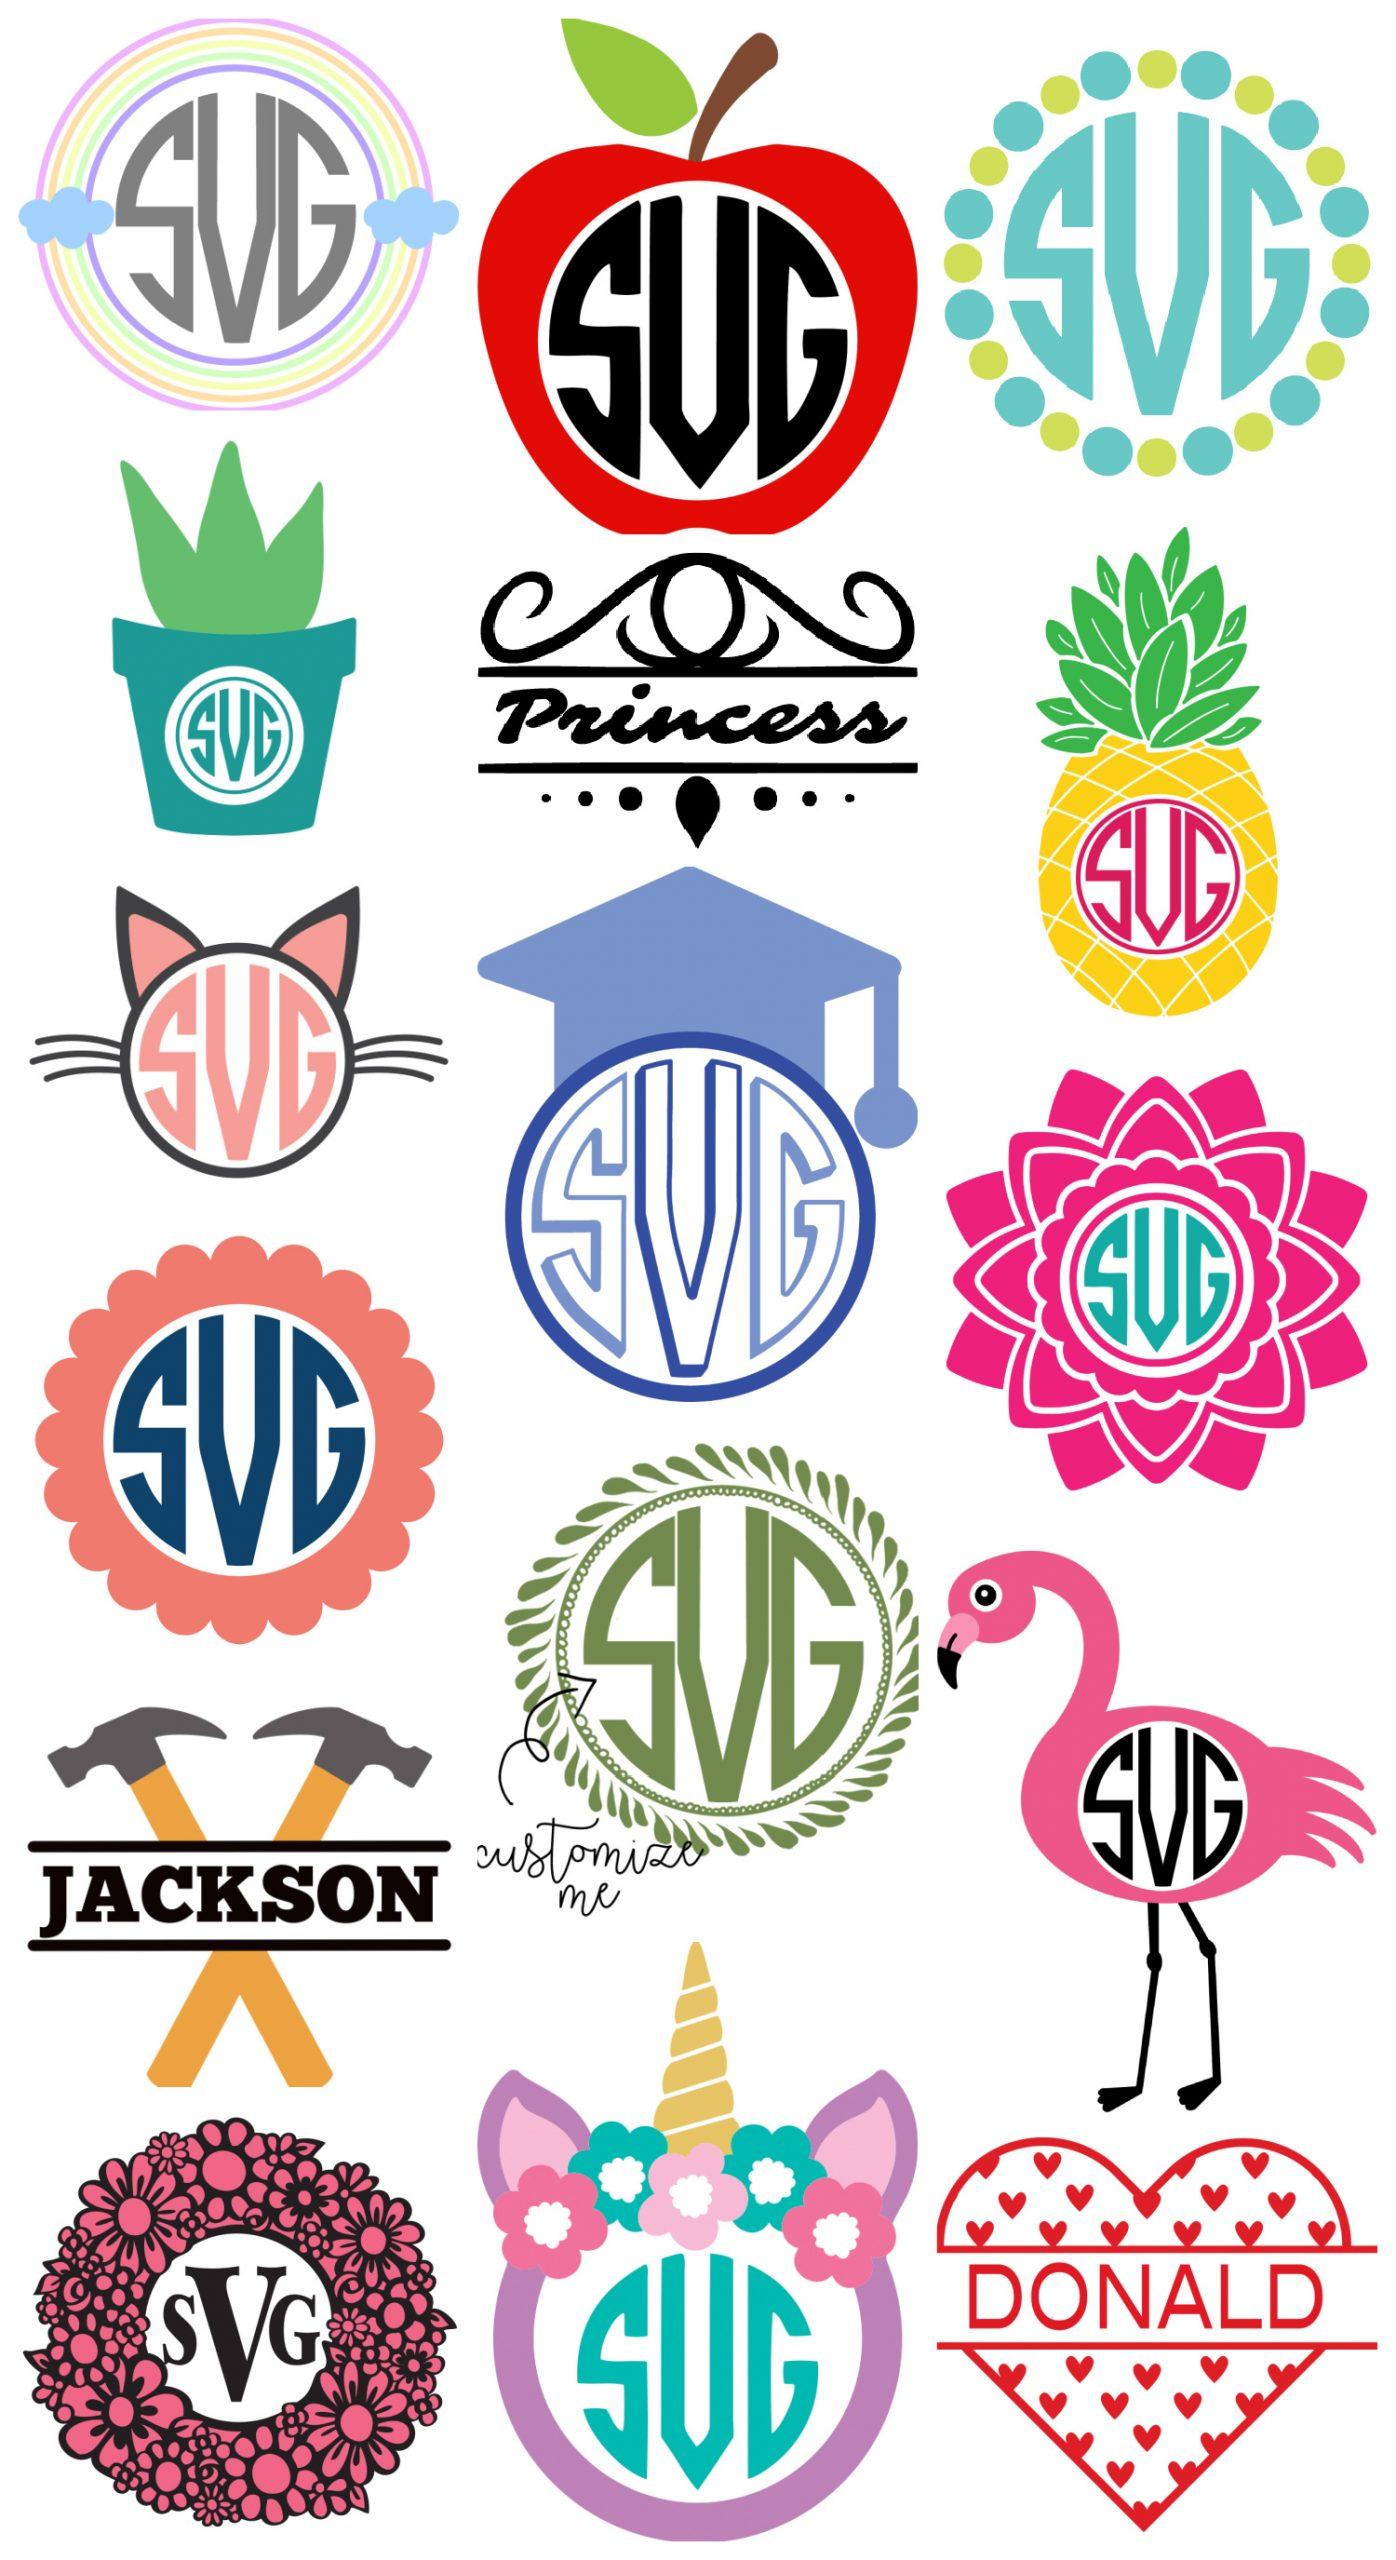 Collage of Cricut Monogram SVG designs